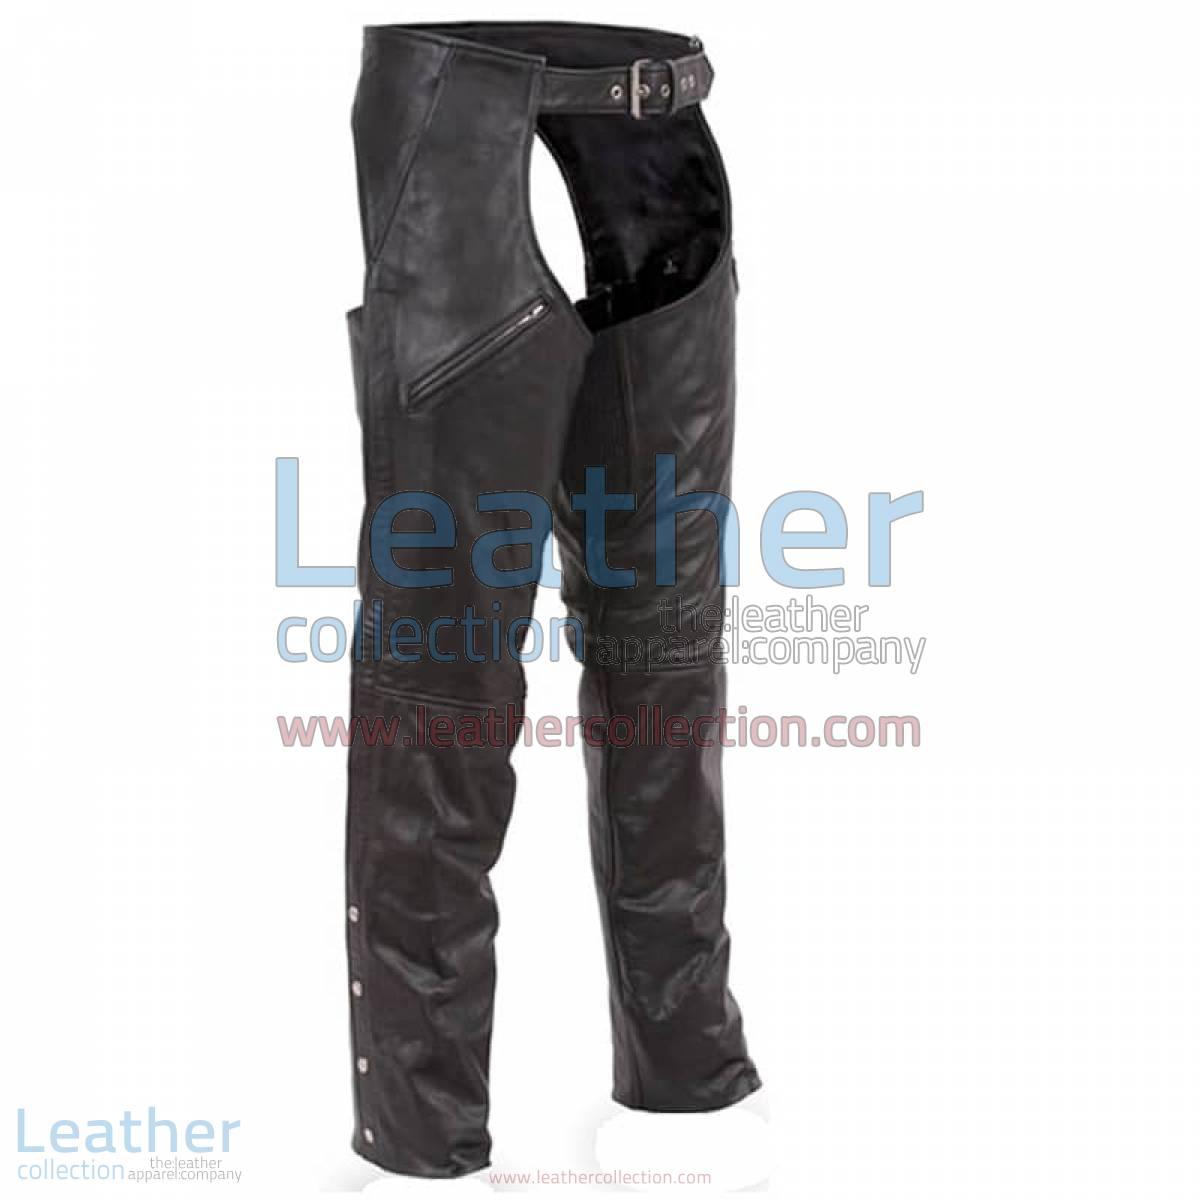 Premium Leather Biker Chaps | leather chaps